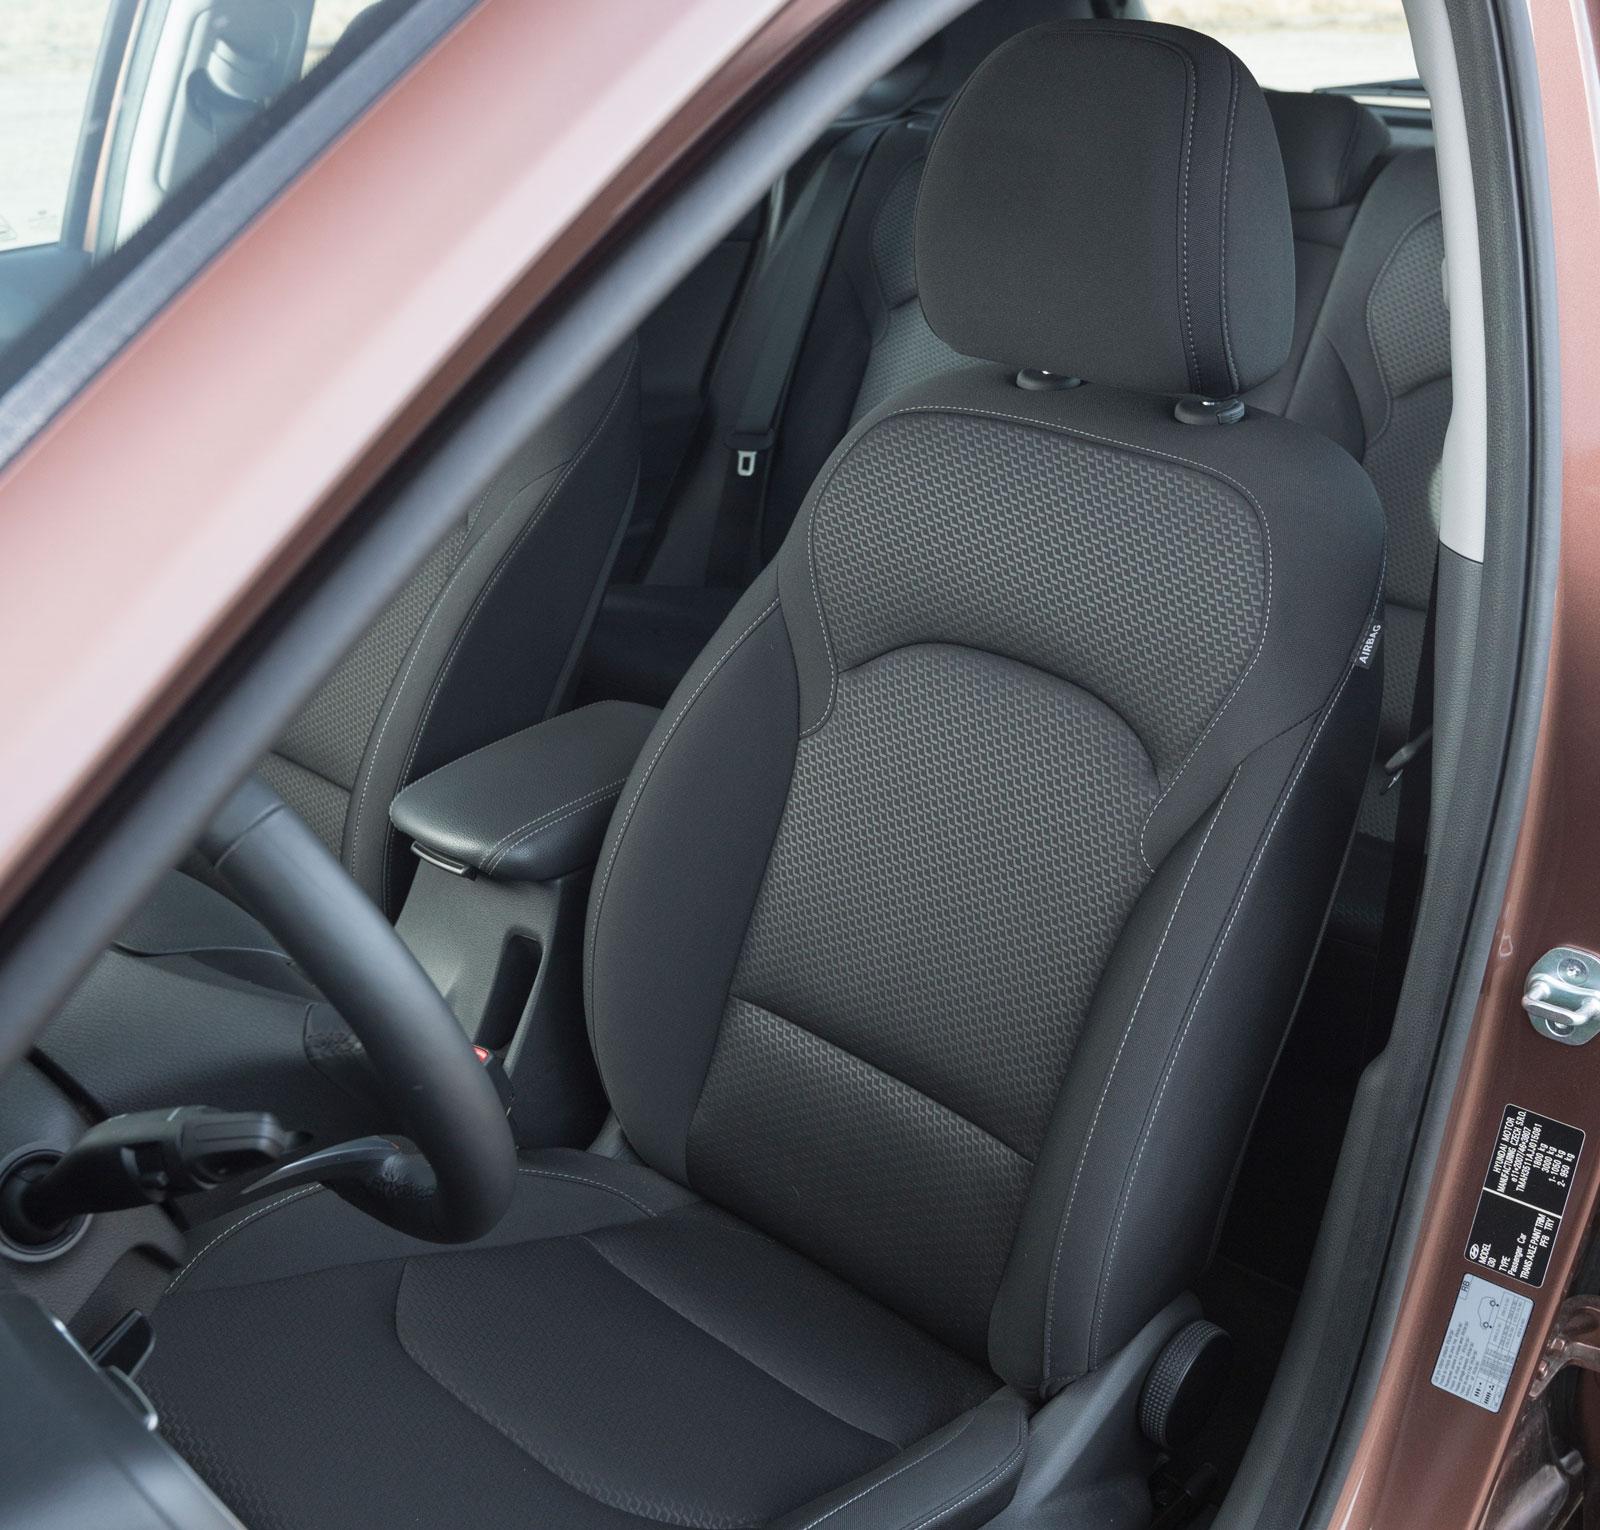 Bra och rejäla stolar också i Hyundai. Klädsel i välventilerad textil, blixtsnabb stolsvärme.